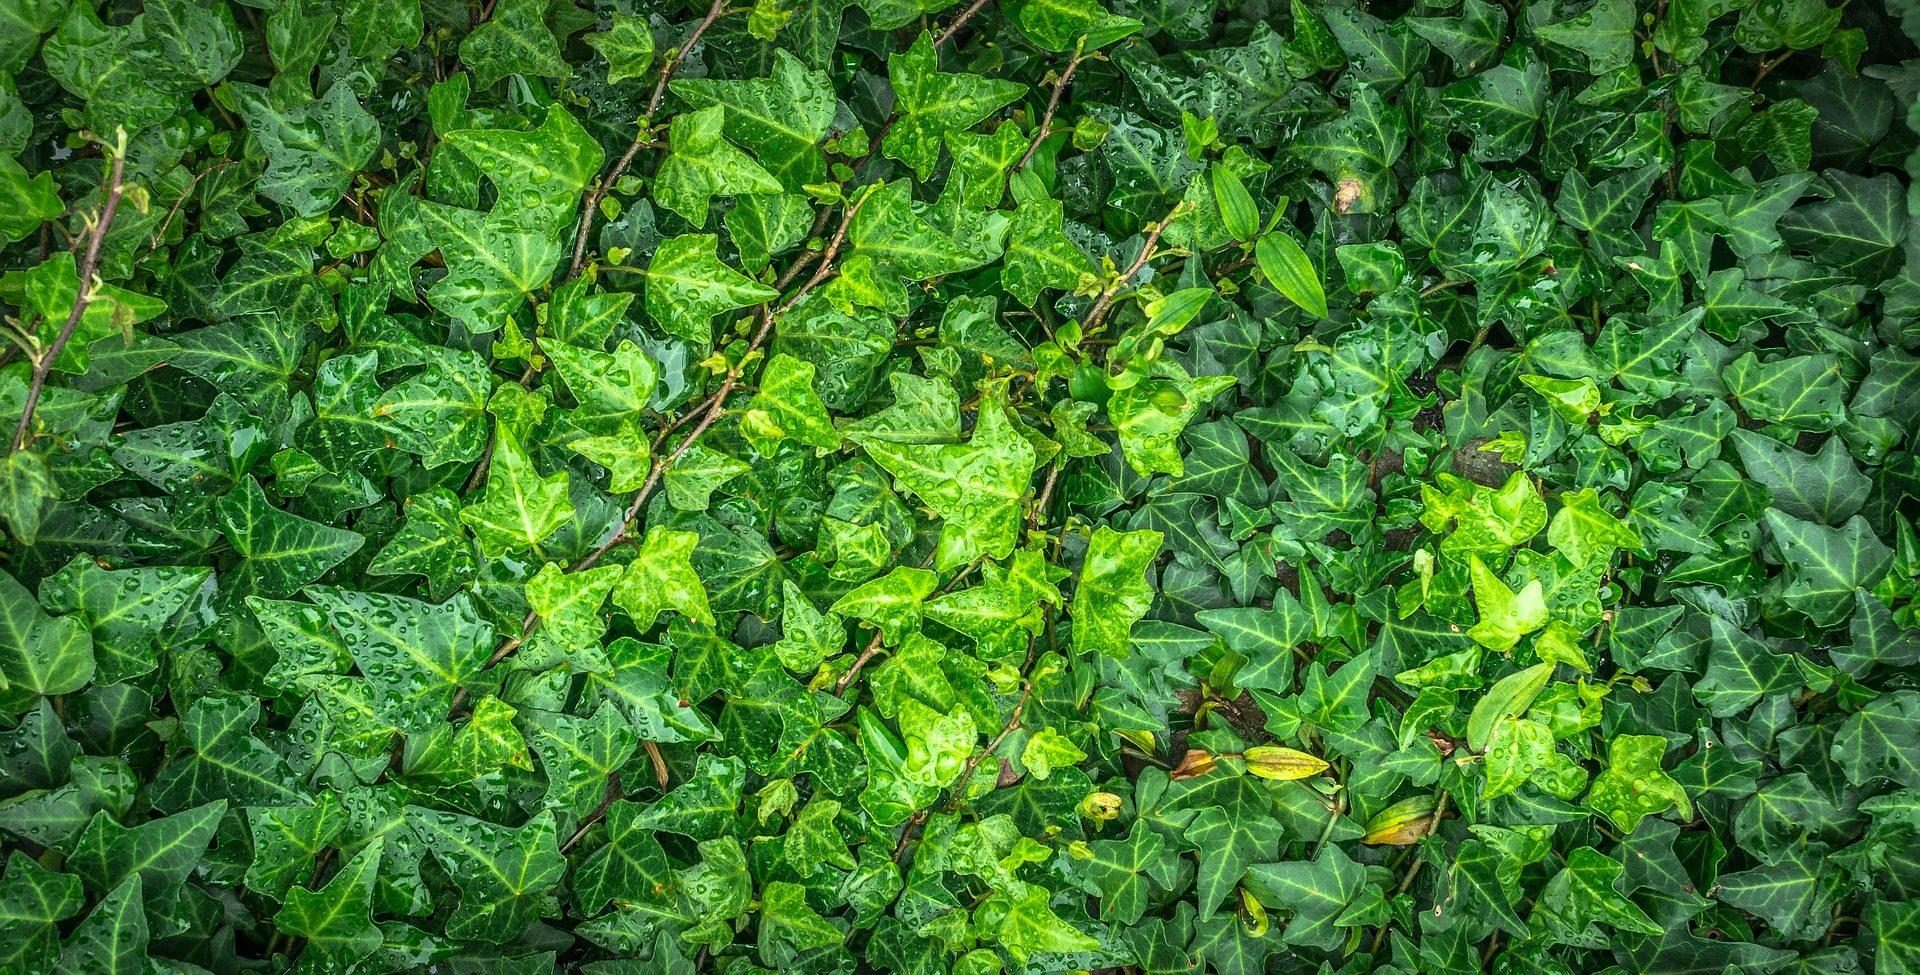 hojas, plantas, vegetación, enredadera, verde - Fondos de Pantalla HD - professor-falken.com